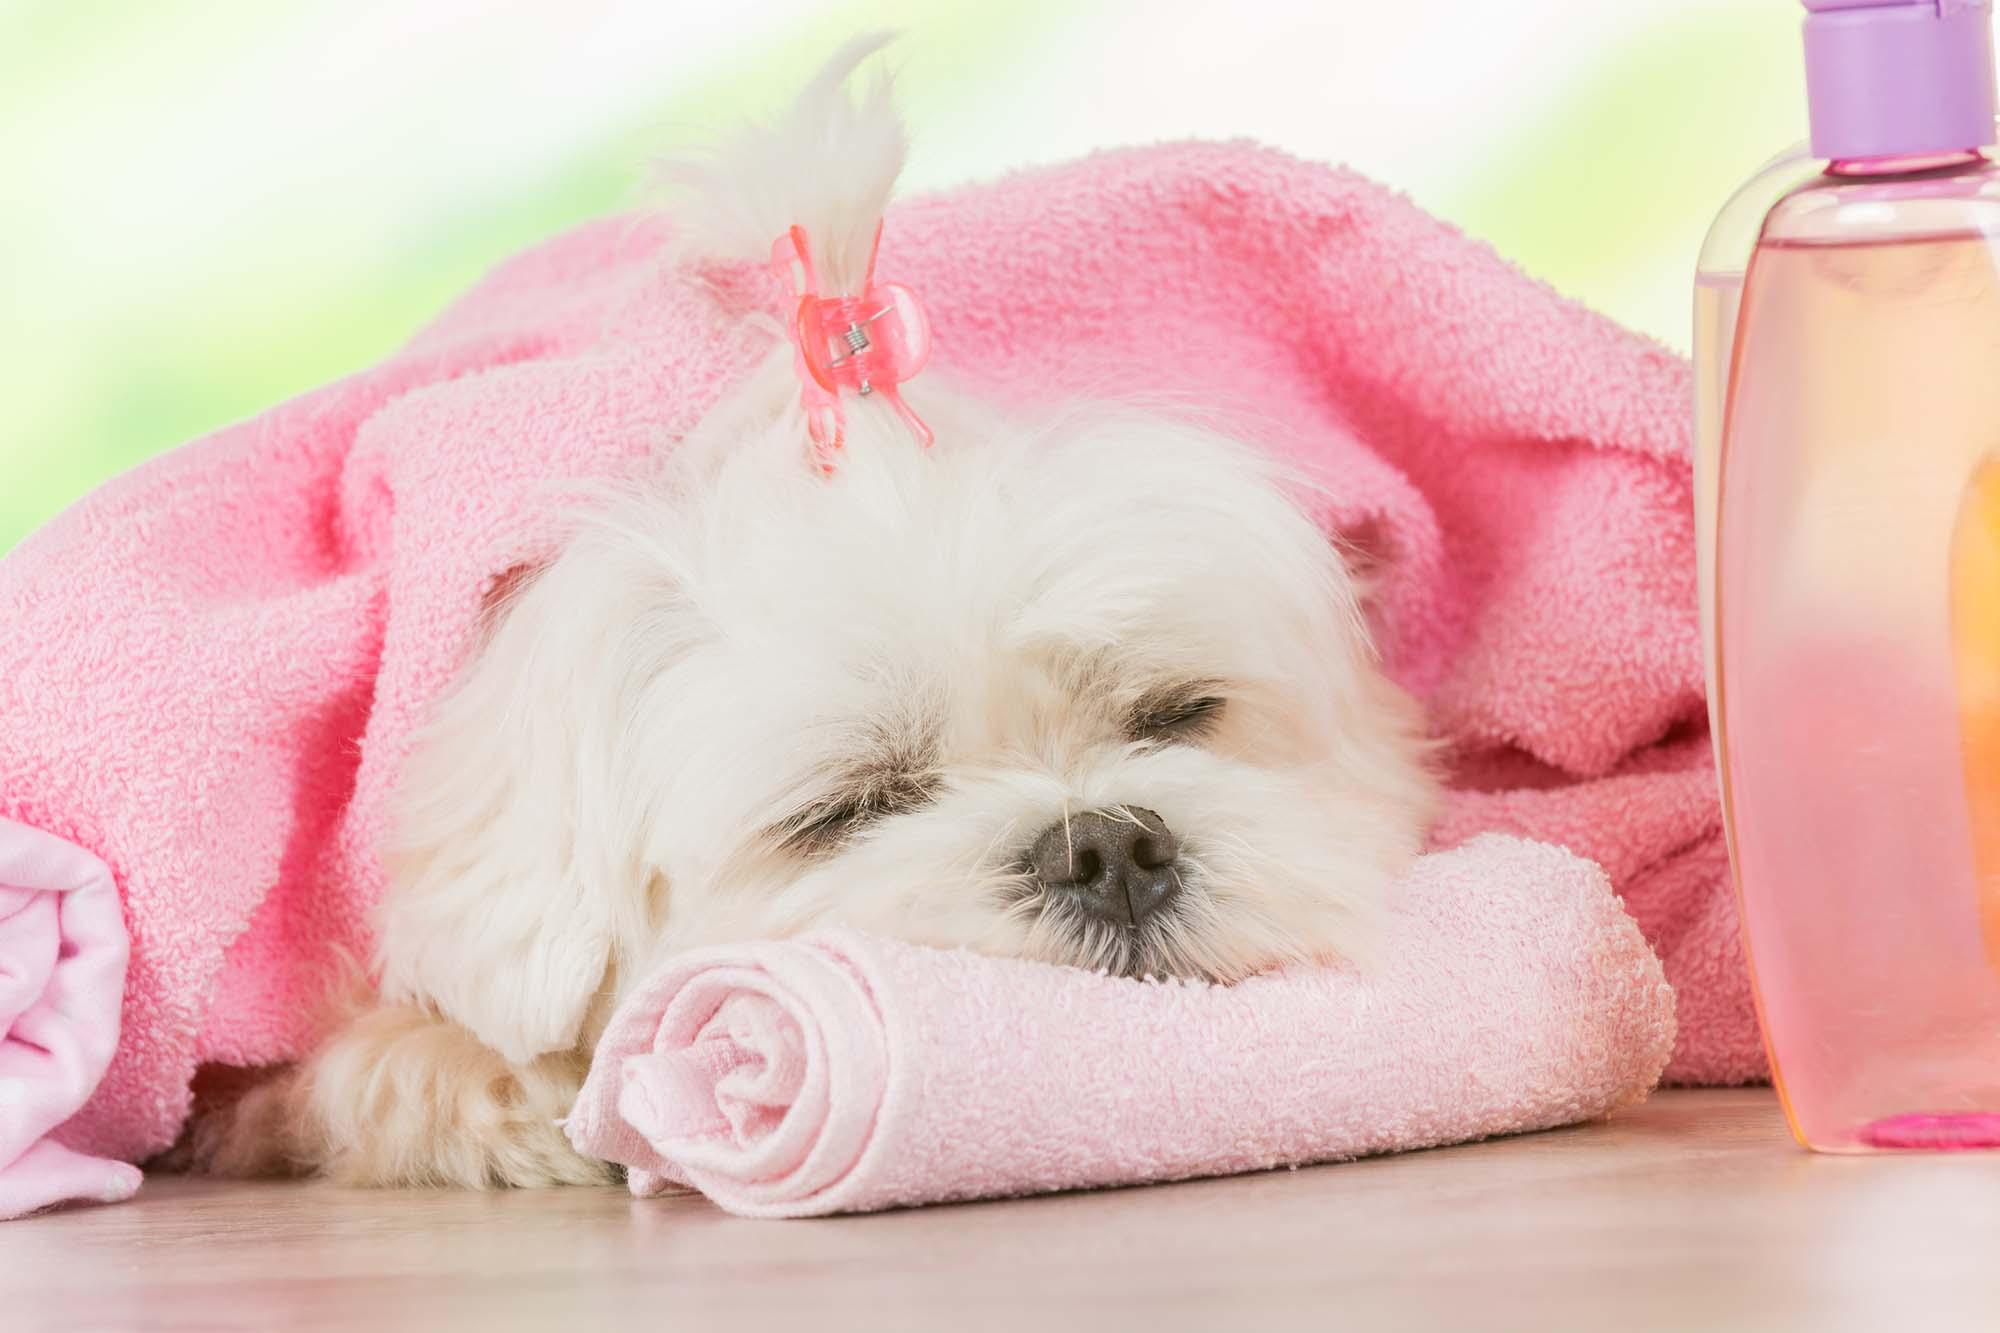 Small white dog dog sleeping